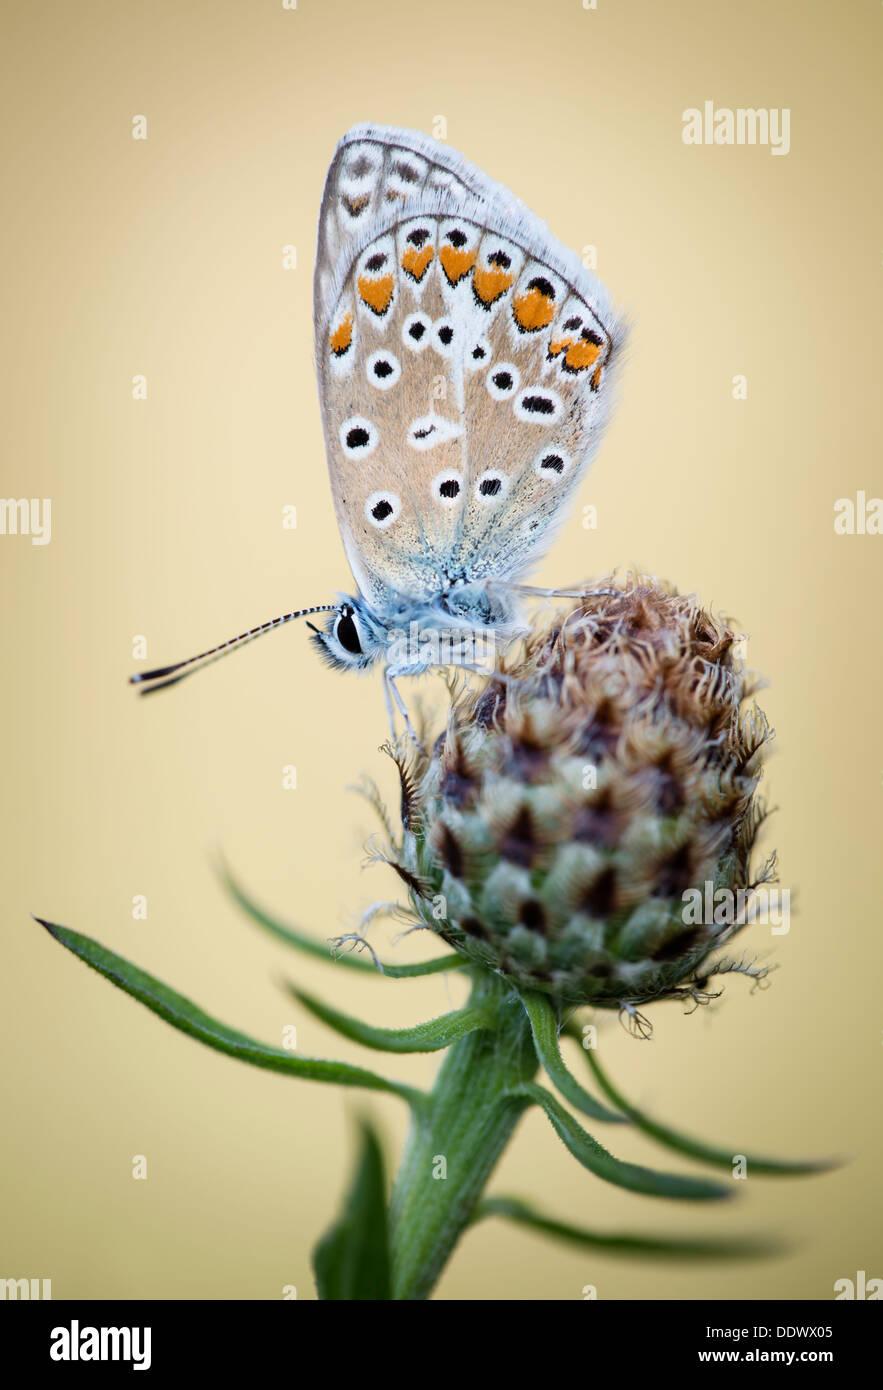 Mariposa Azul común Imagen De Stock